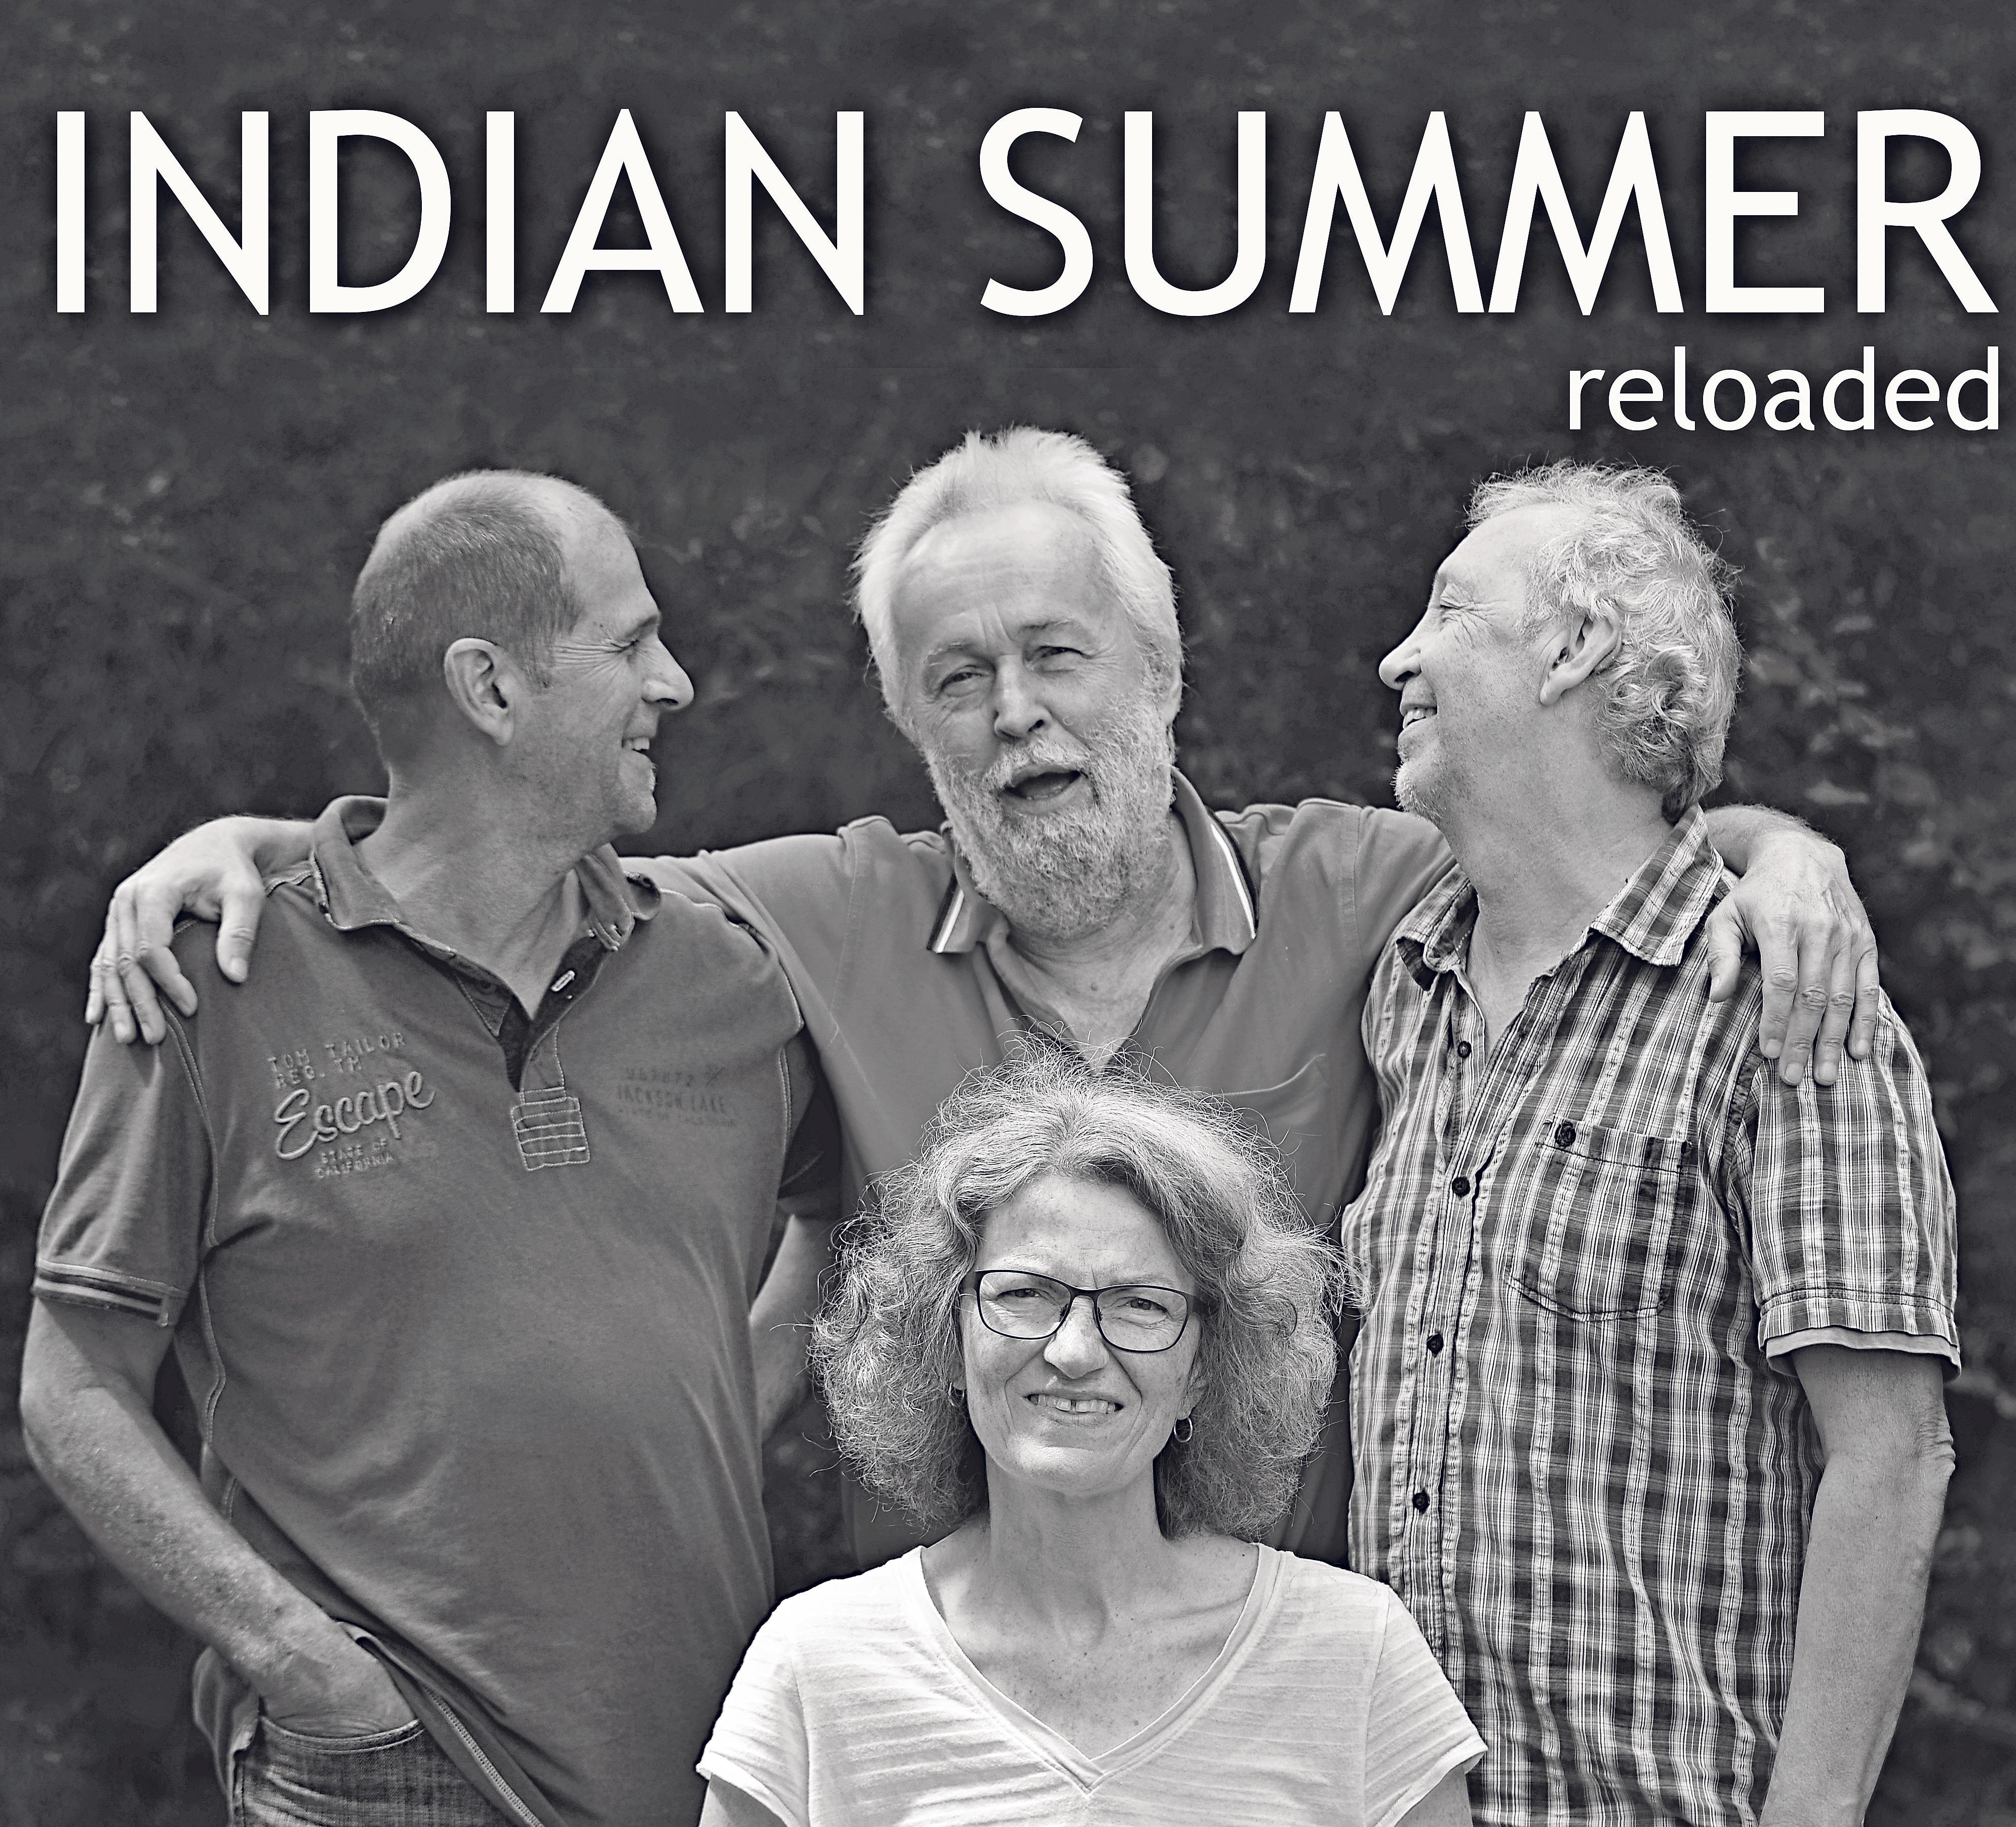 Zim Abschluss am Montagabend spielen Indian Summer reloaded Oldies, Folk- und Countrysongs. Foto: red